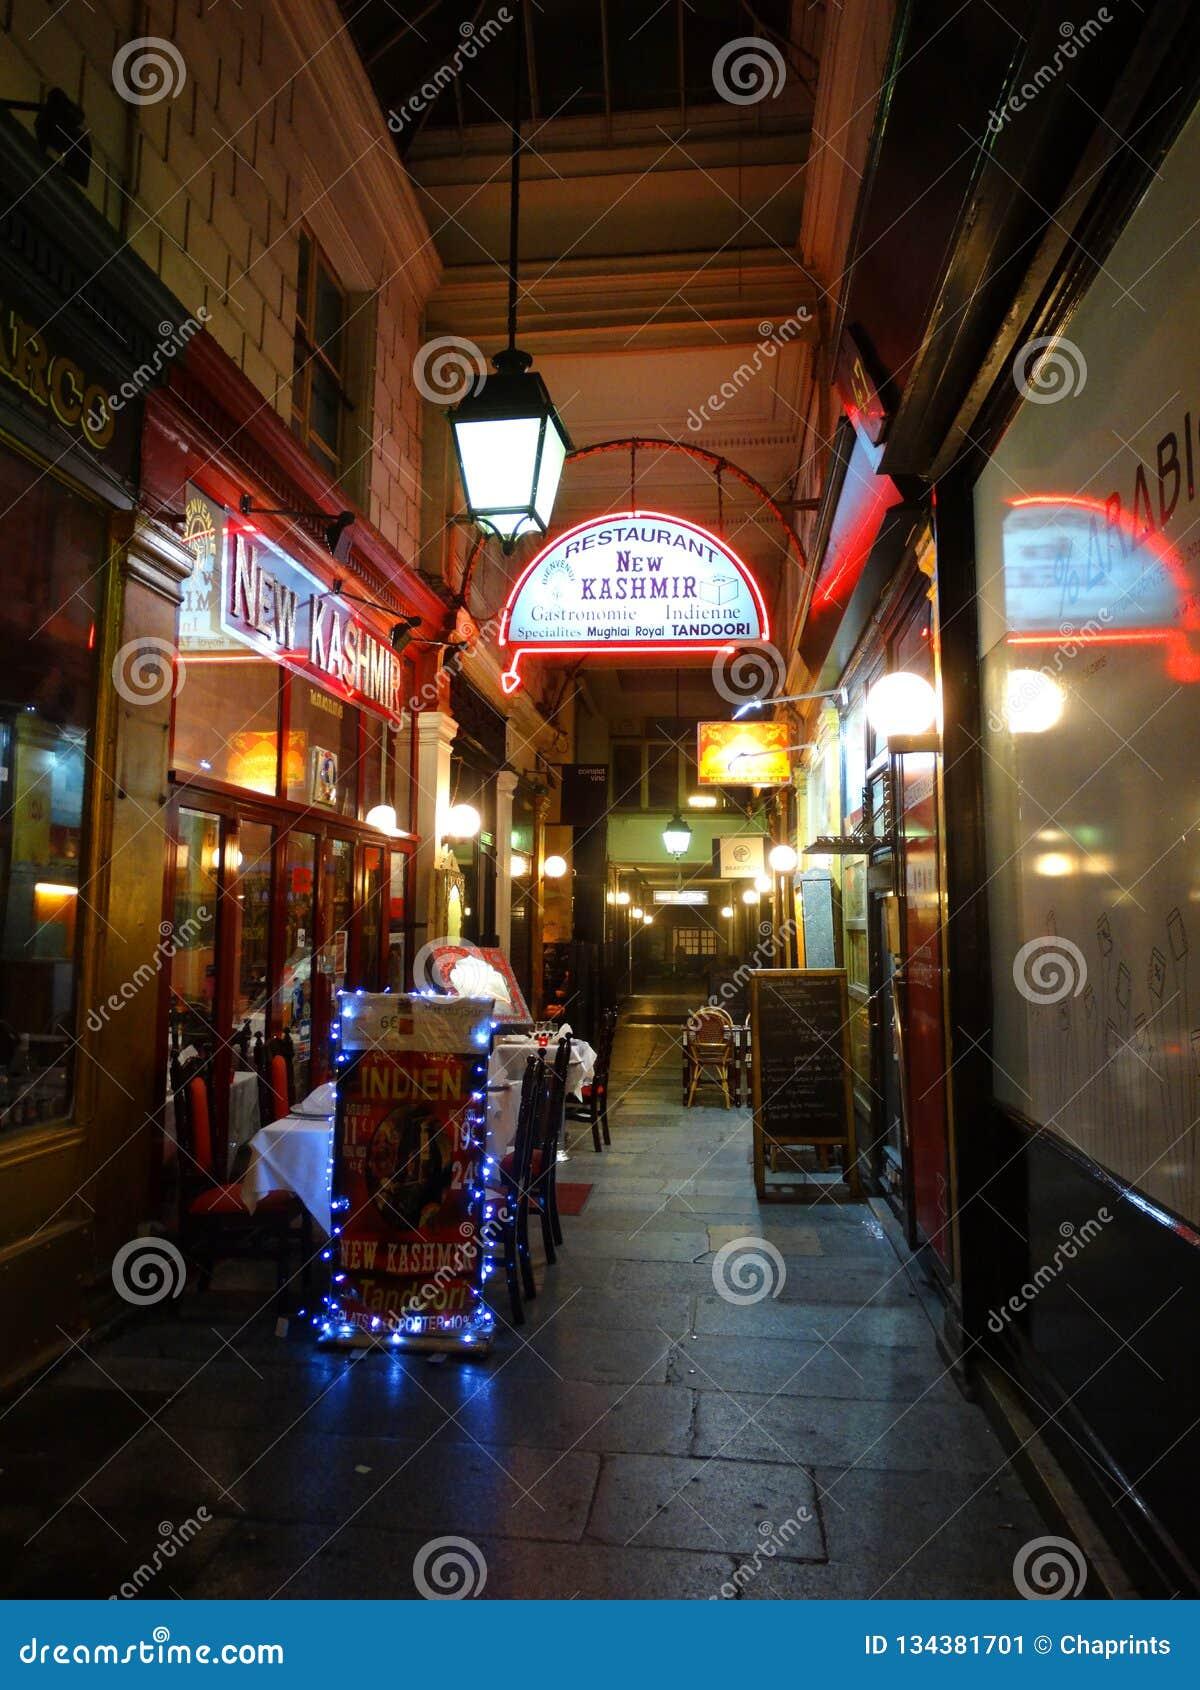 Restaurant Table Terrace In Paris In Paris Europe Editorial Photo Image Of Paris Classic 134381701